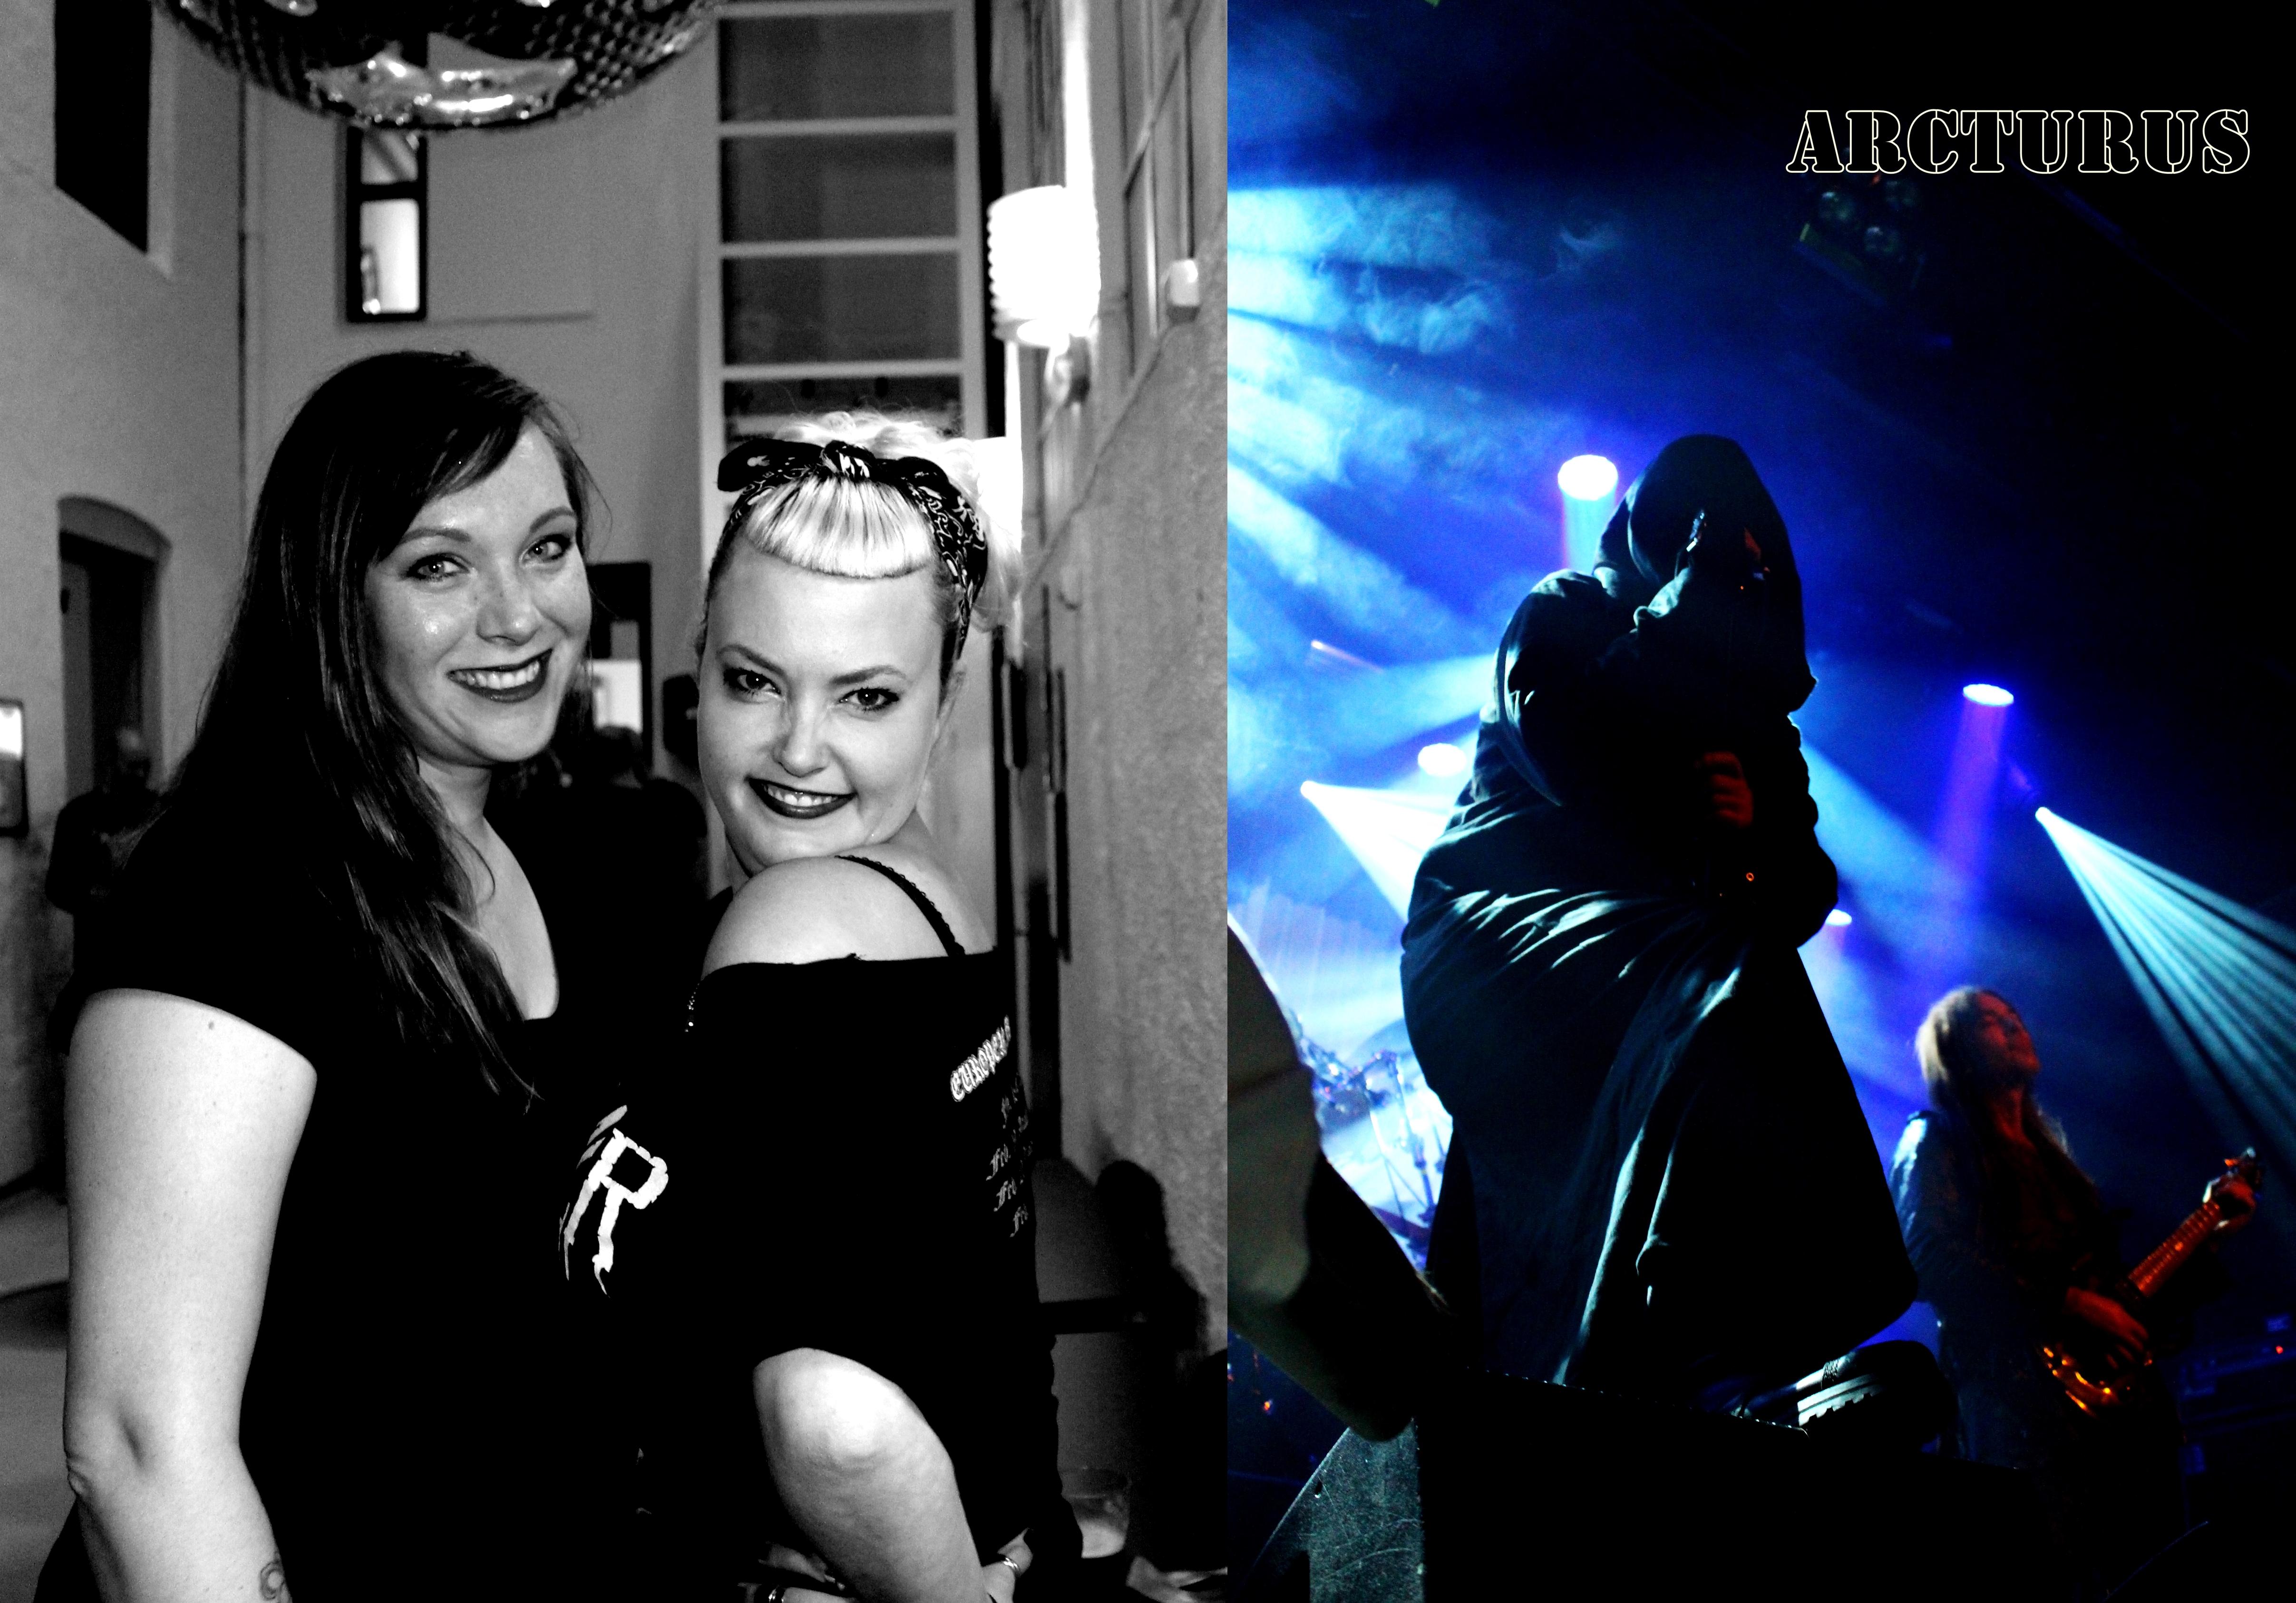 Synnøve Sørensen og Kristin Krabbestig har mye godt å si om Arcturus (Foto: Vigdis Meidell).